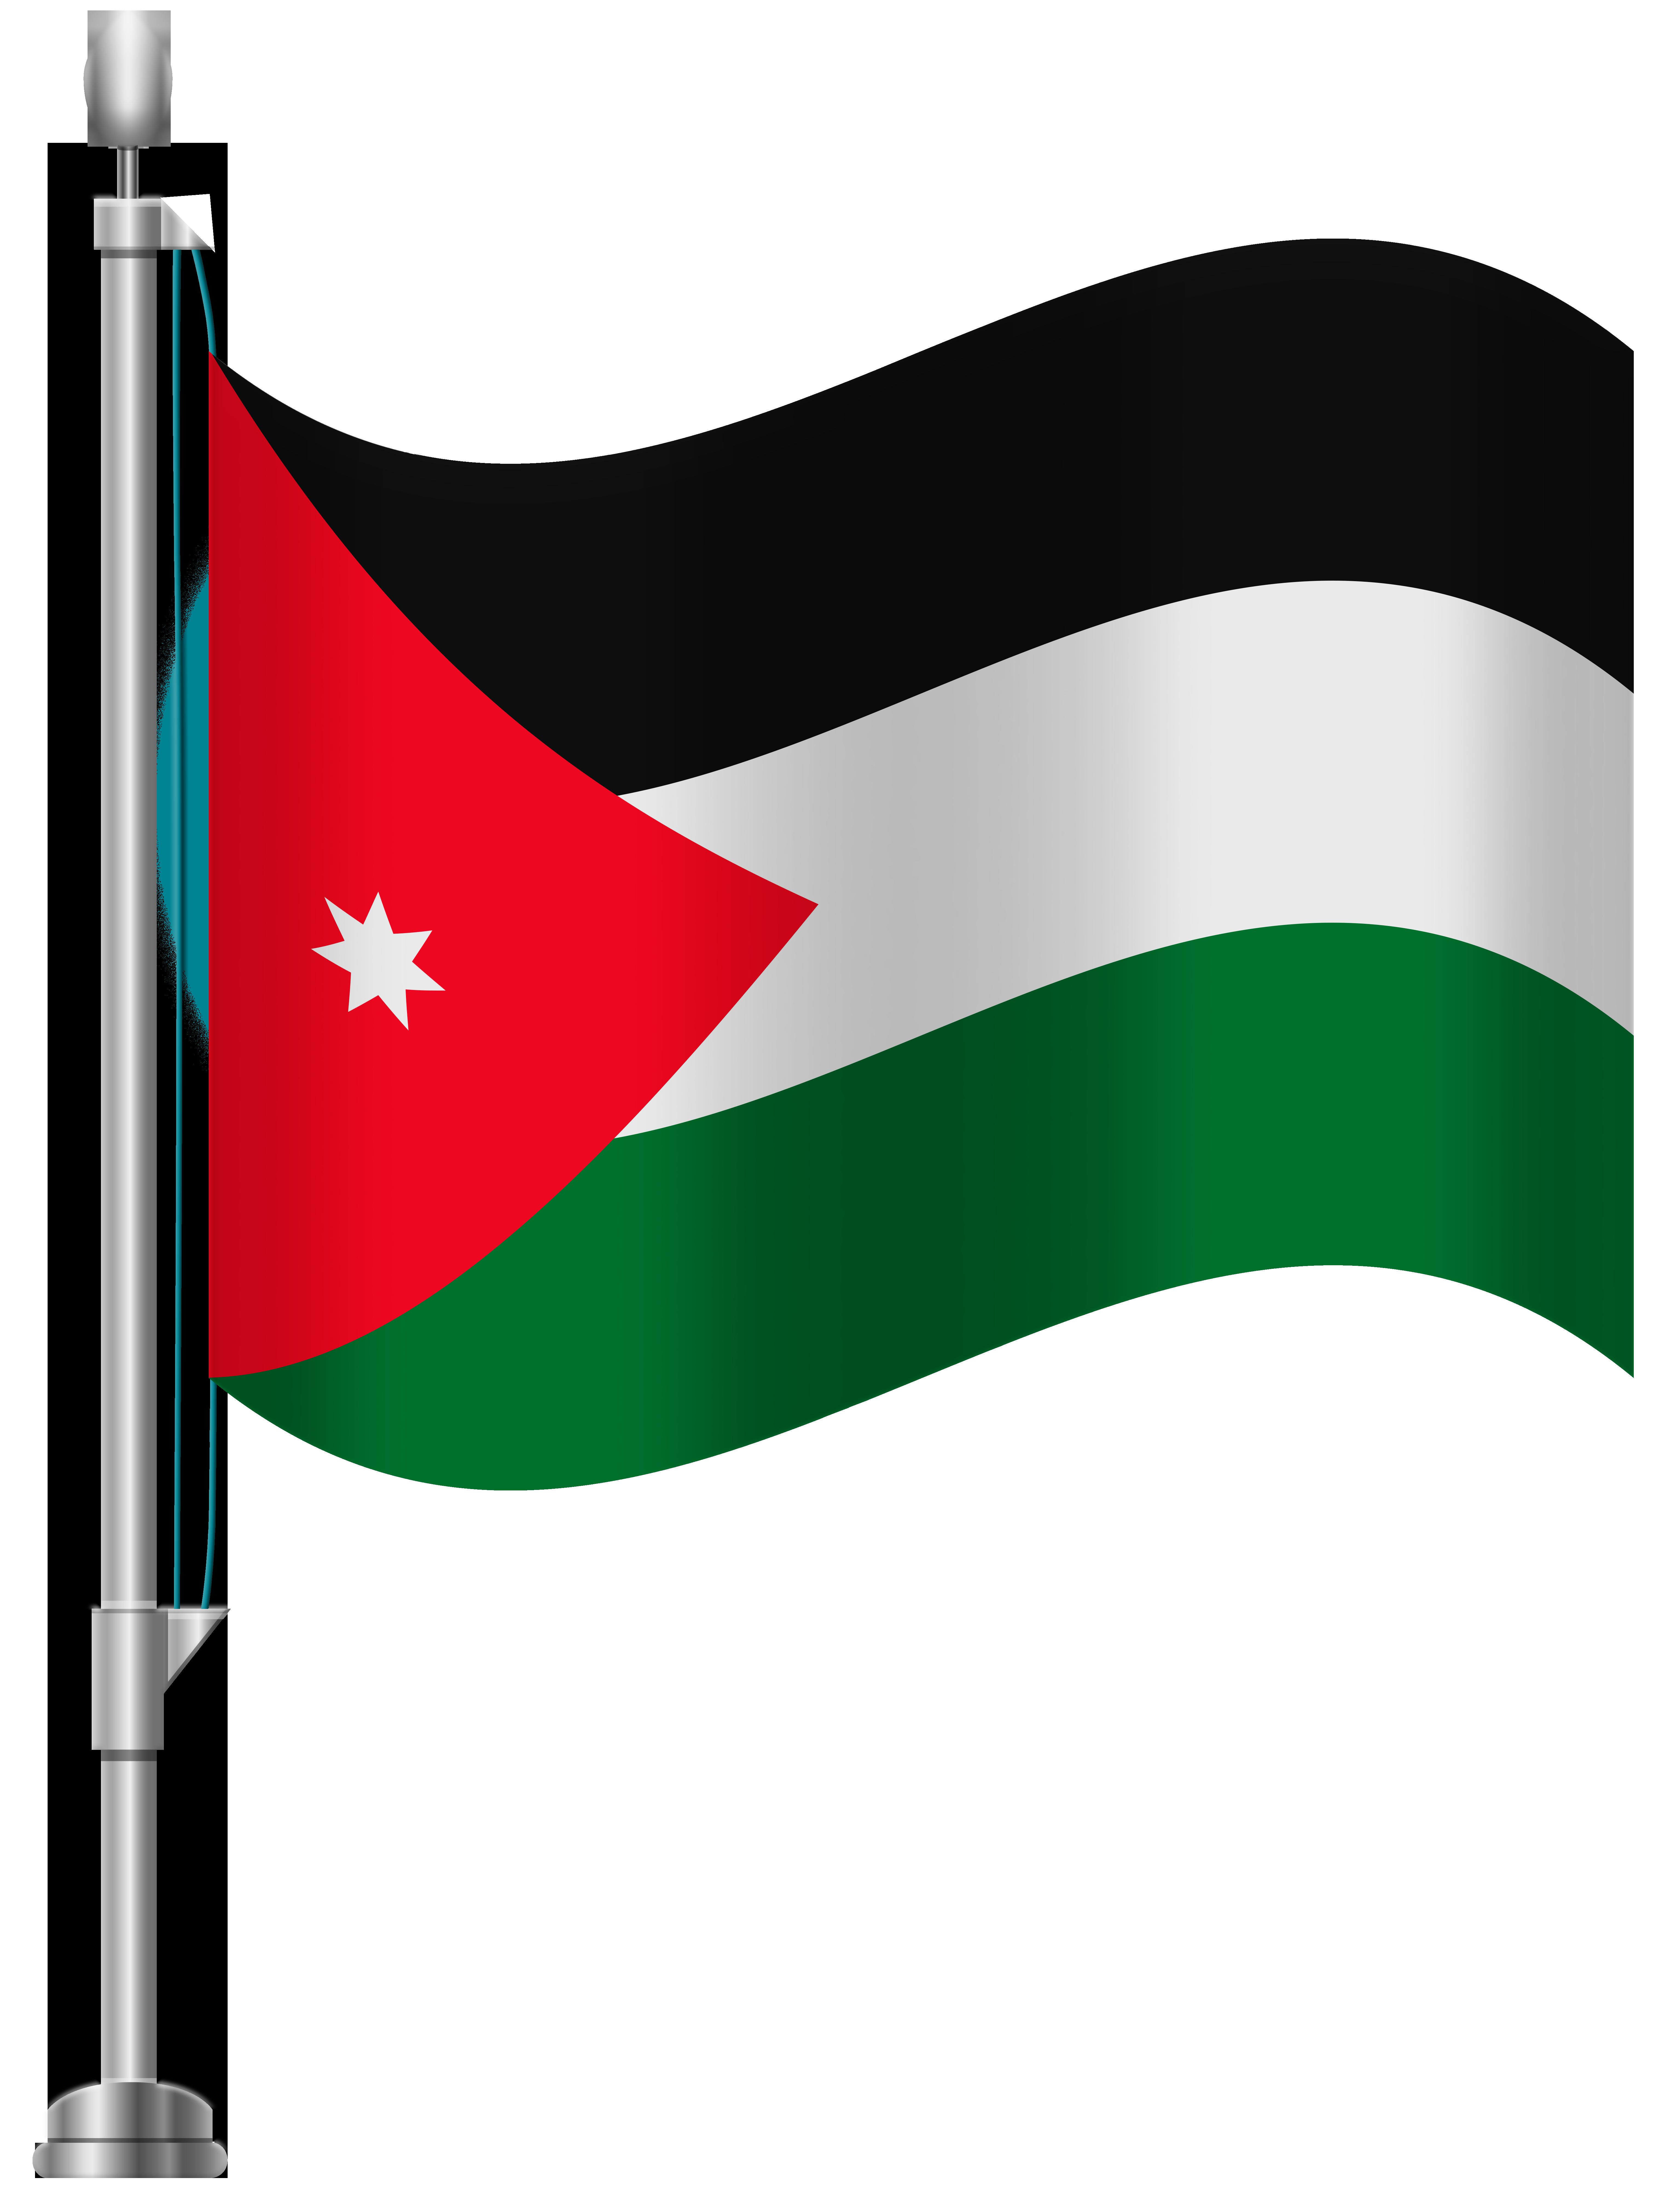 6141x8000 Jordan Flag Png Clip Art